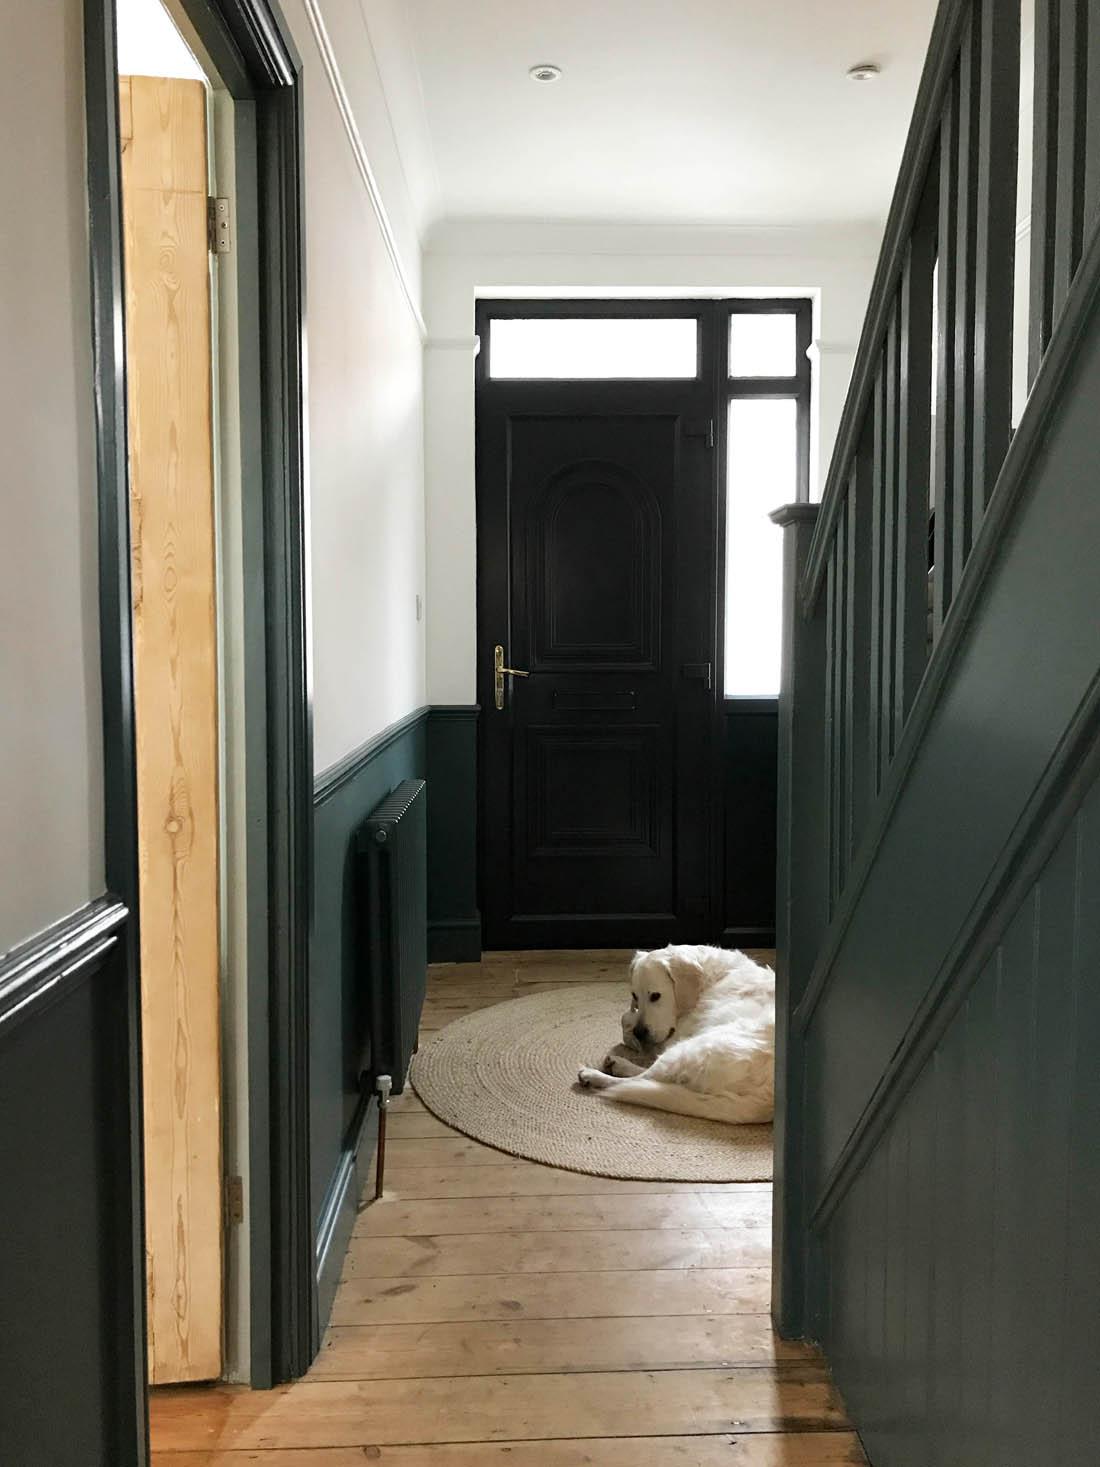 Ronseal uPVC primer on front door